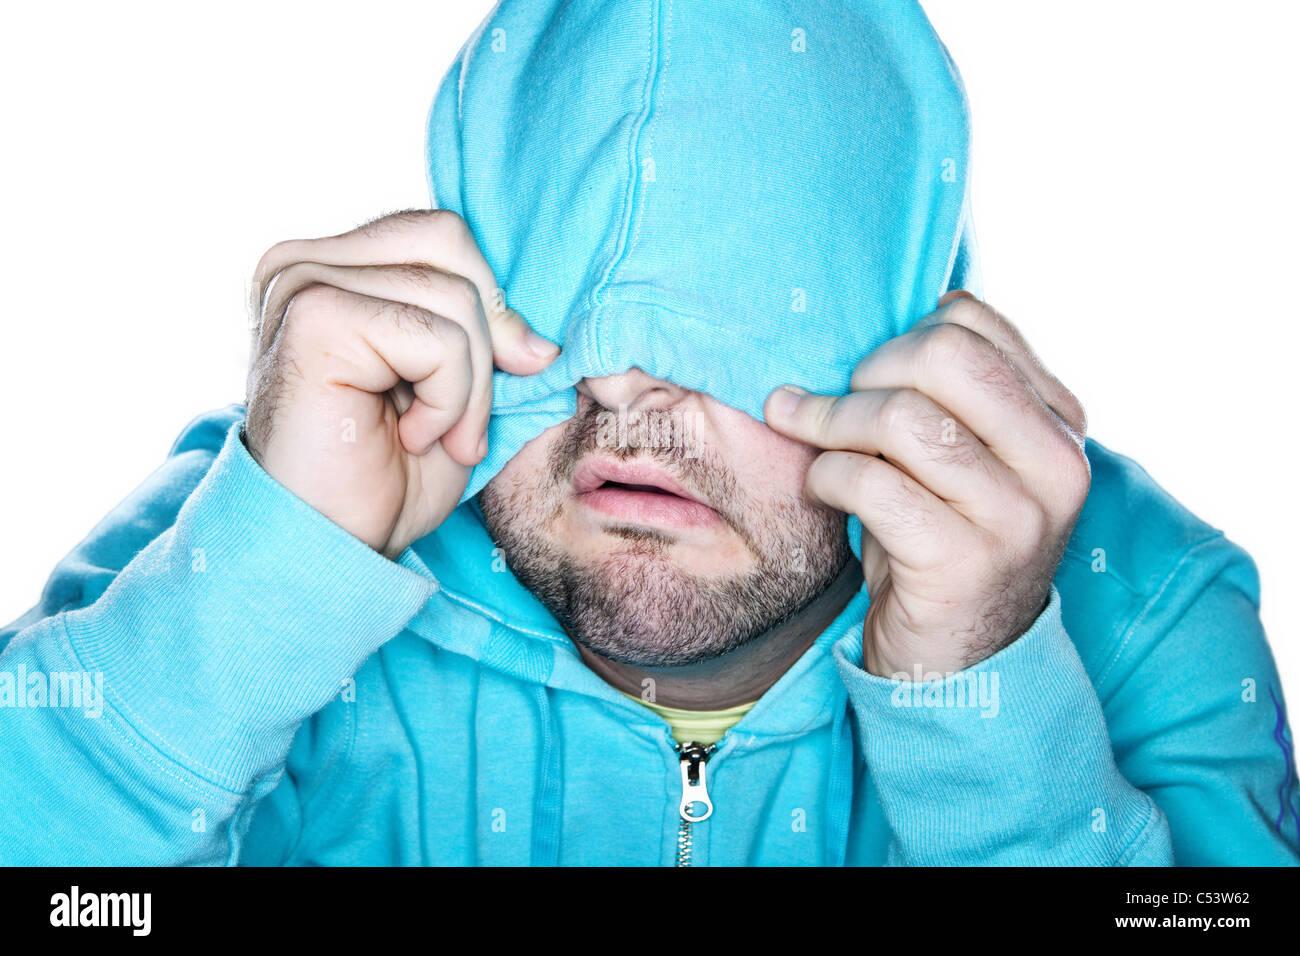 Homme hirsute tirant une capuche bleu vif sur son visage, avec une expression comique. Photo Stock